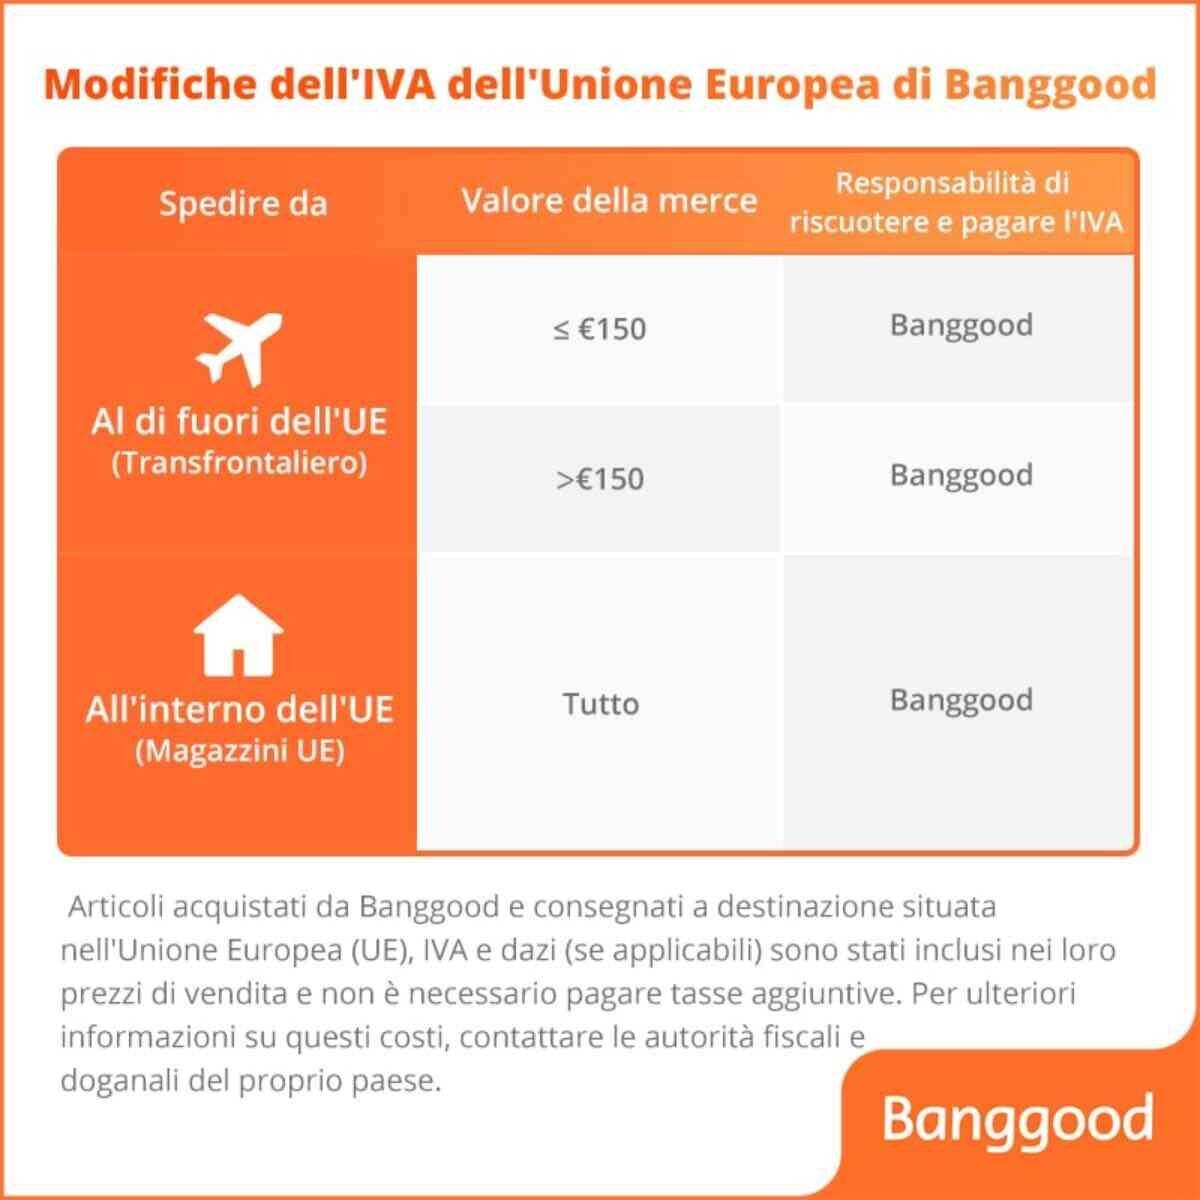 banggood eu vat reform rincari dazi iva 3